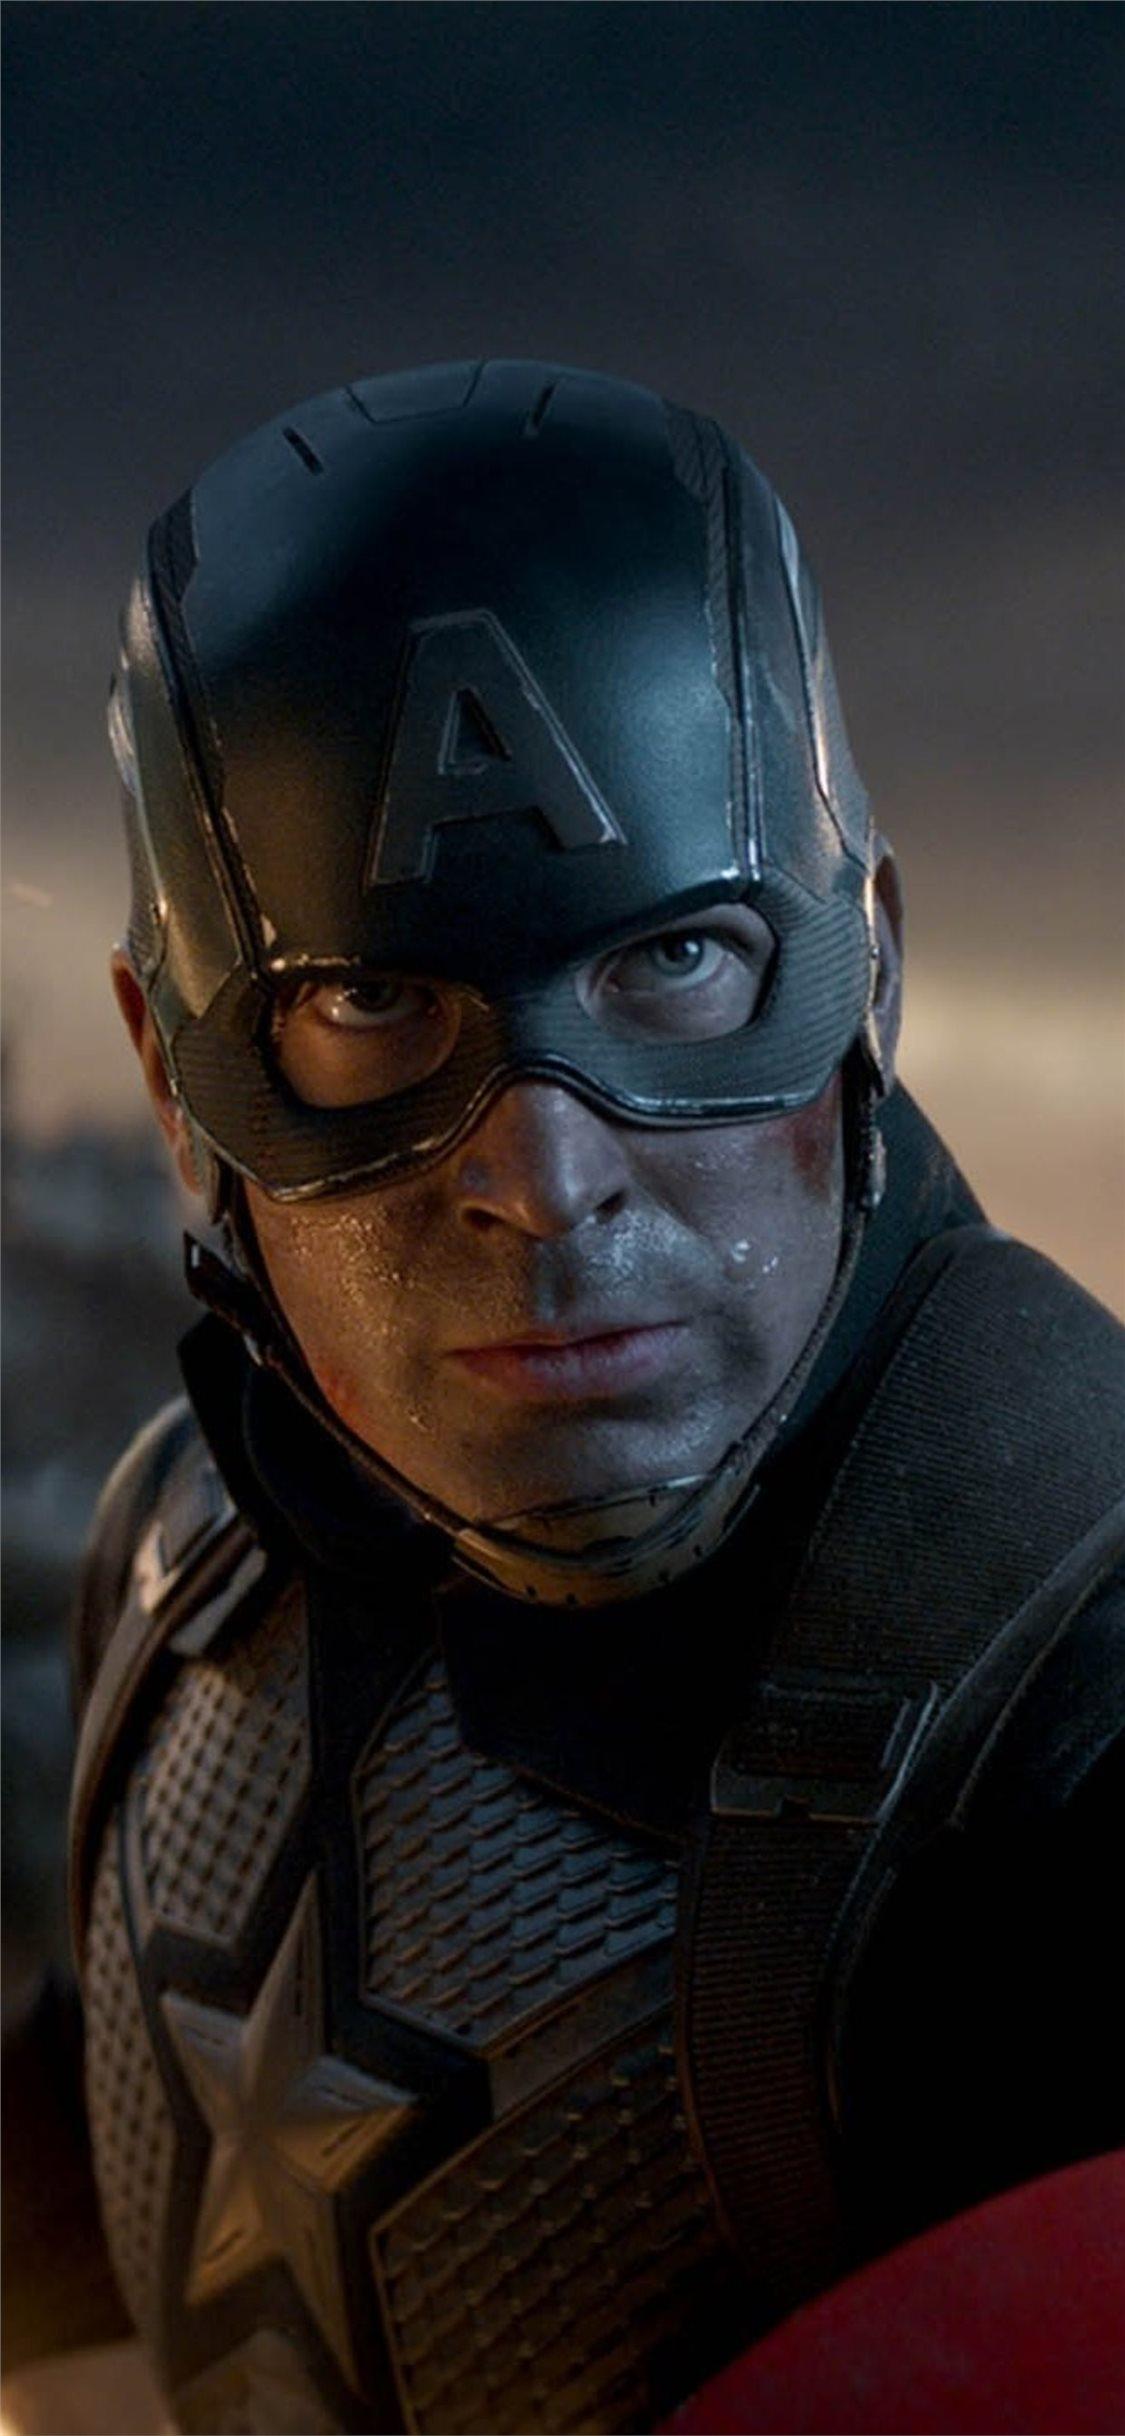 Avengers Endgame Captain America - HD Wallpaper